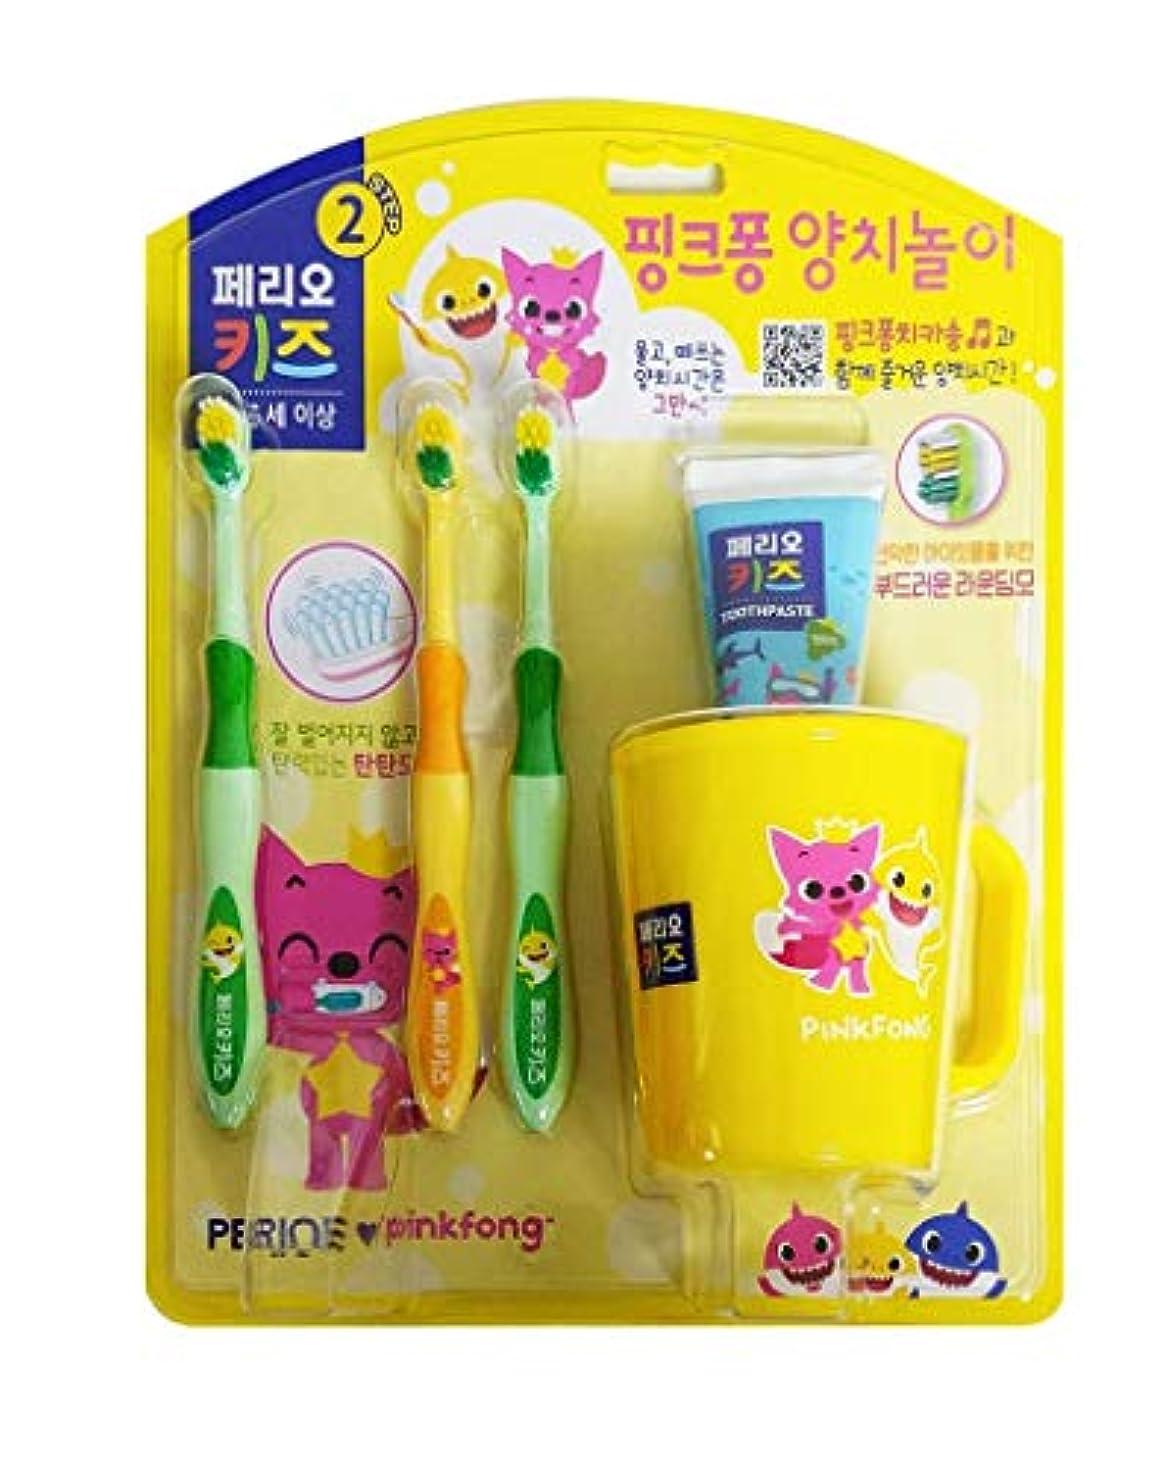 ドック文字通り誘発するPINKFONG(ピンクポン,ピンクフォン) 子供用 歯ブラシ セット